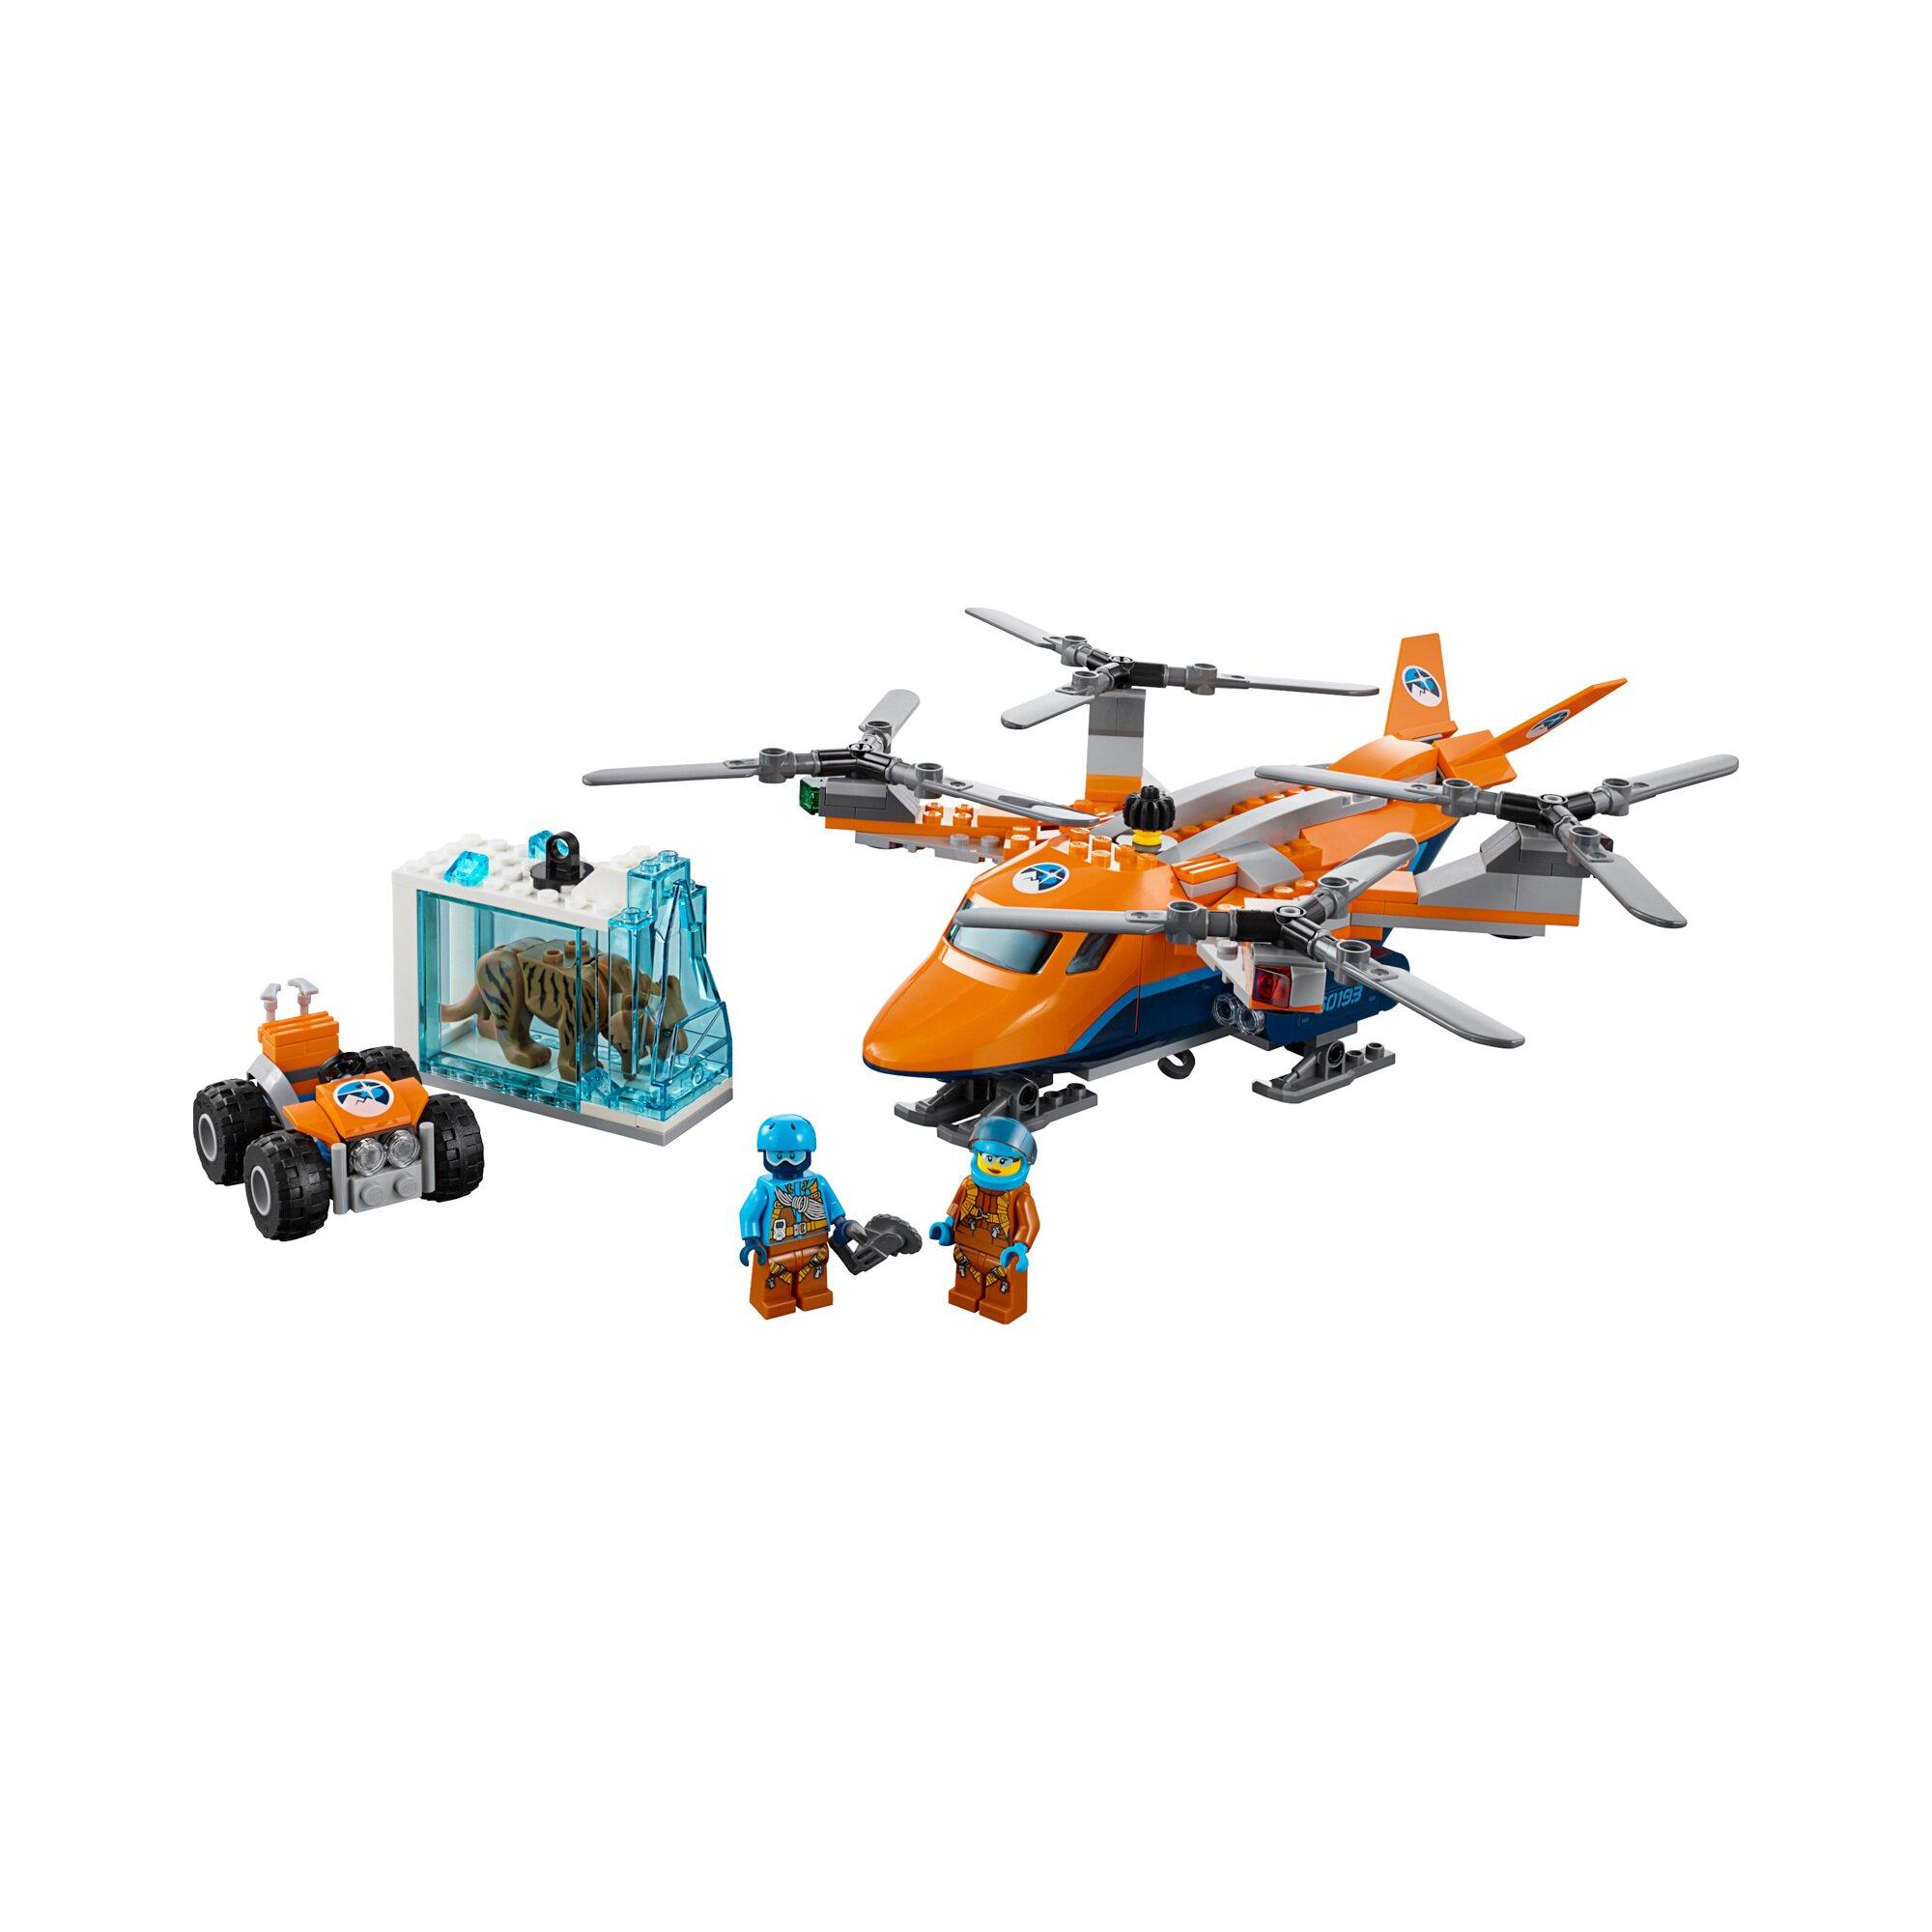 city-60193-arktis-frachtflugzeug